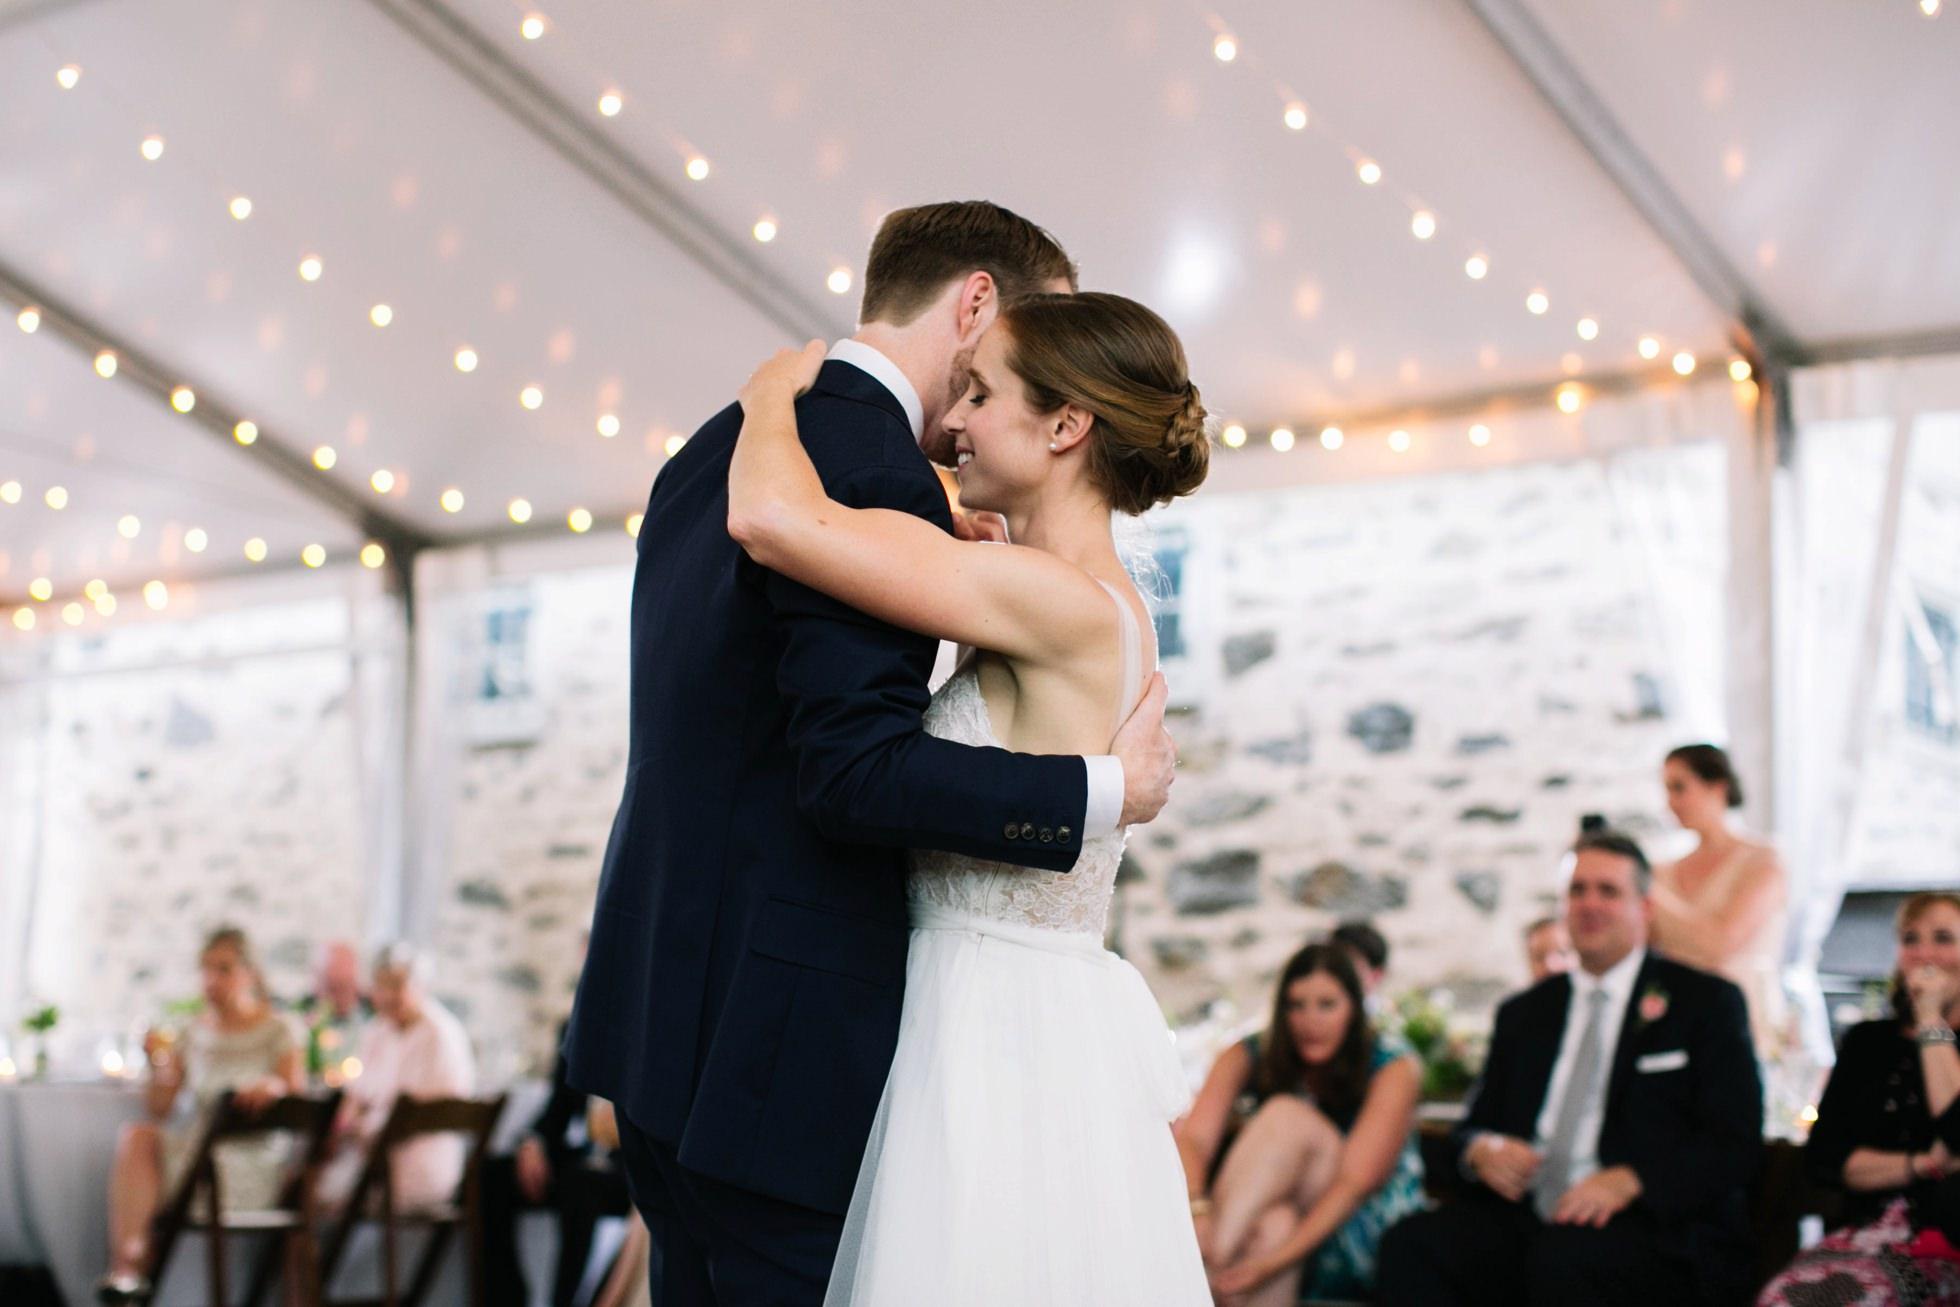 Romantic Bartram's Garden Outdoor Summer Wedding, Philadelphia | brittneyraine.com 086